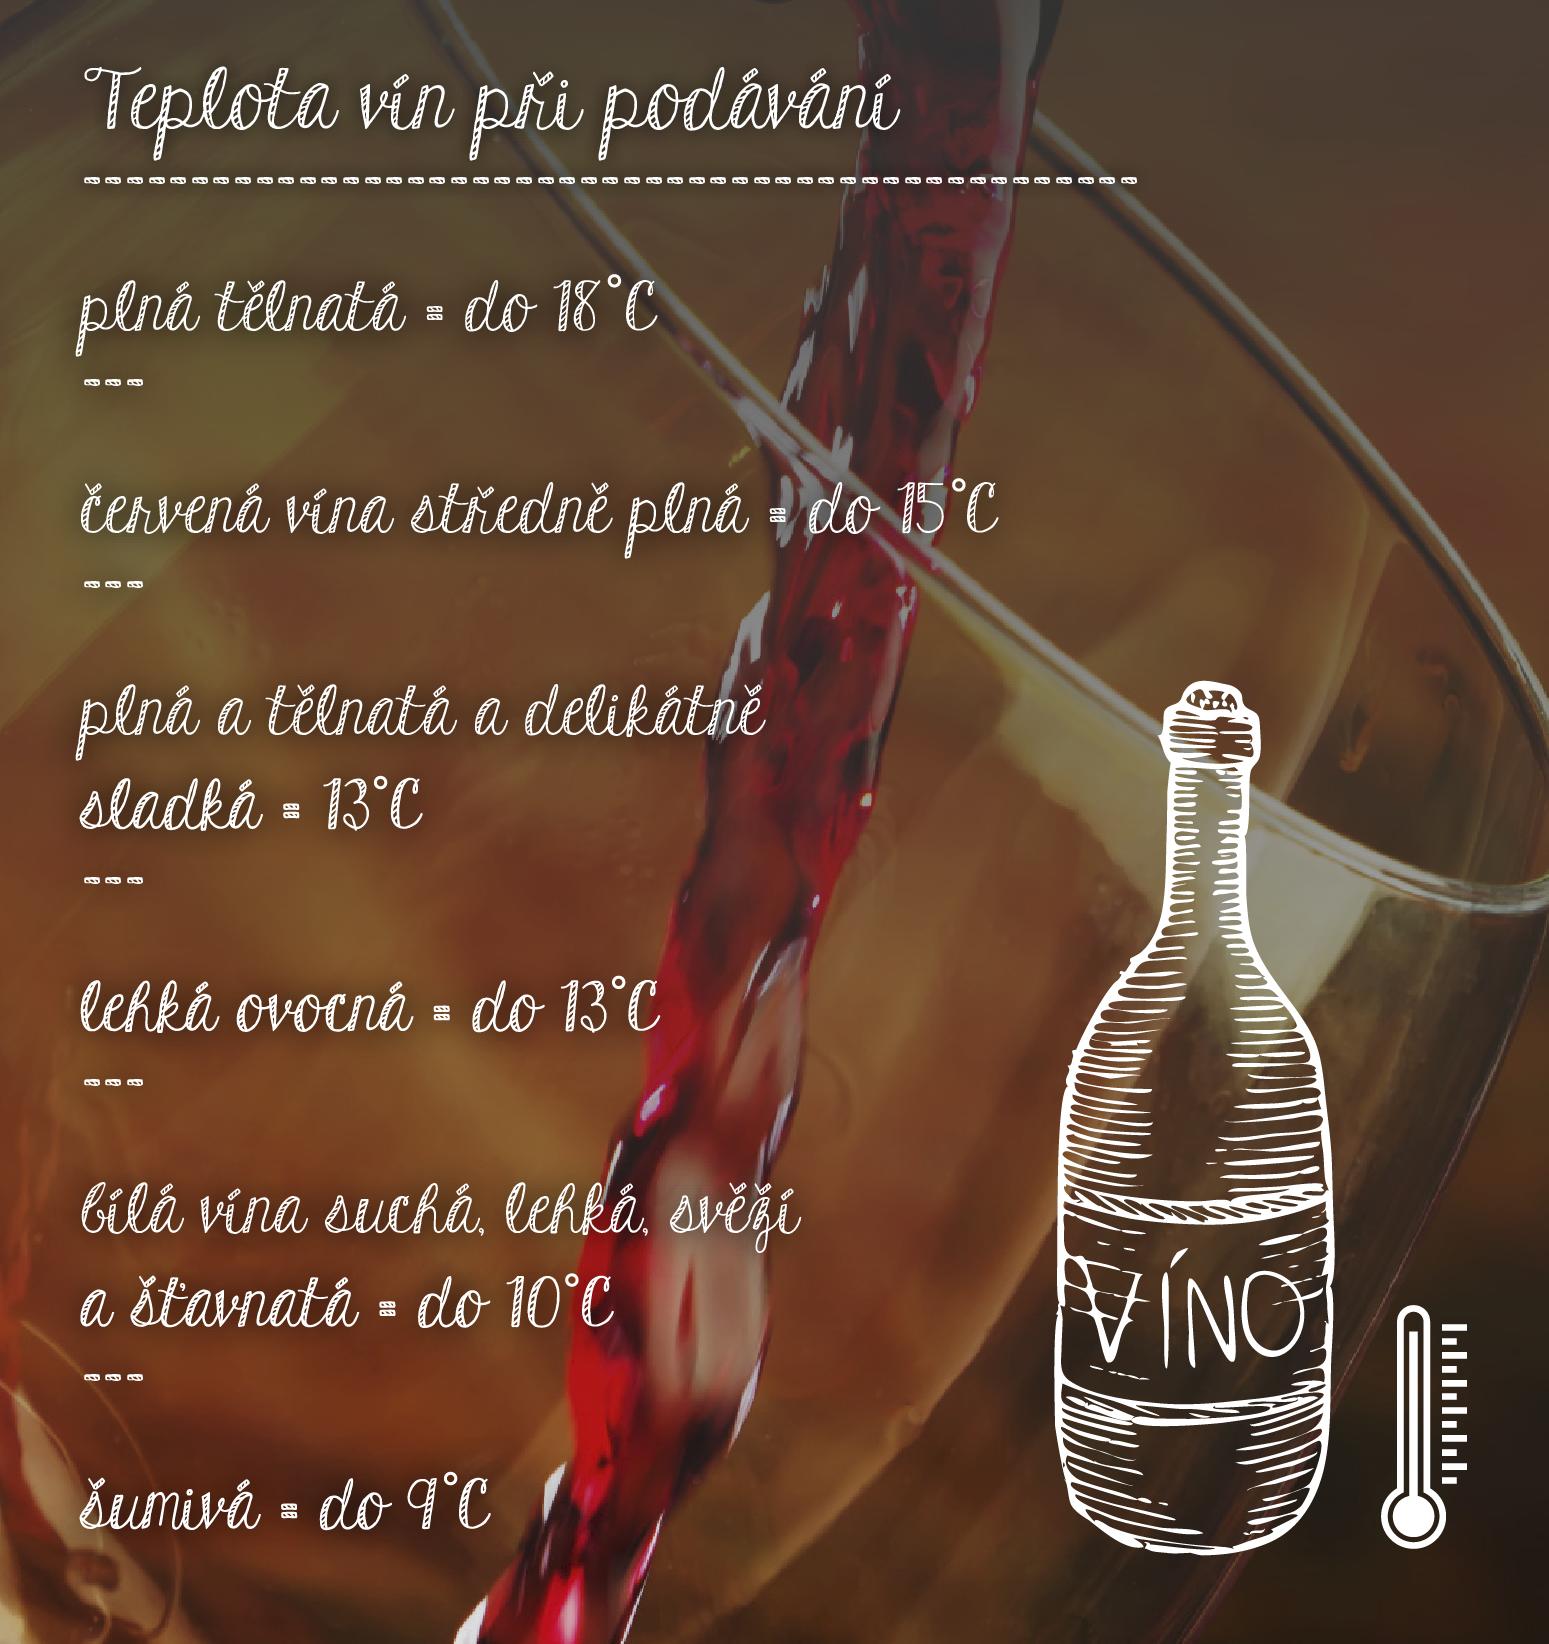 Teplota vín při podávání